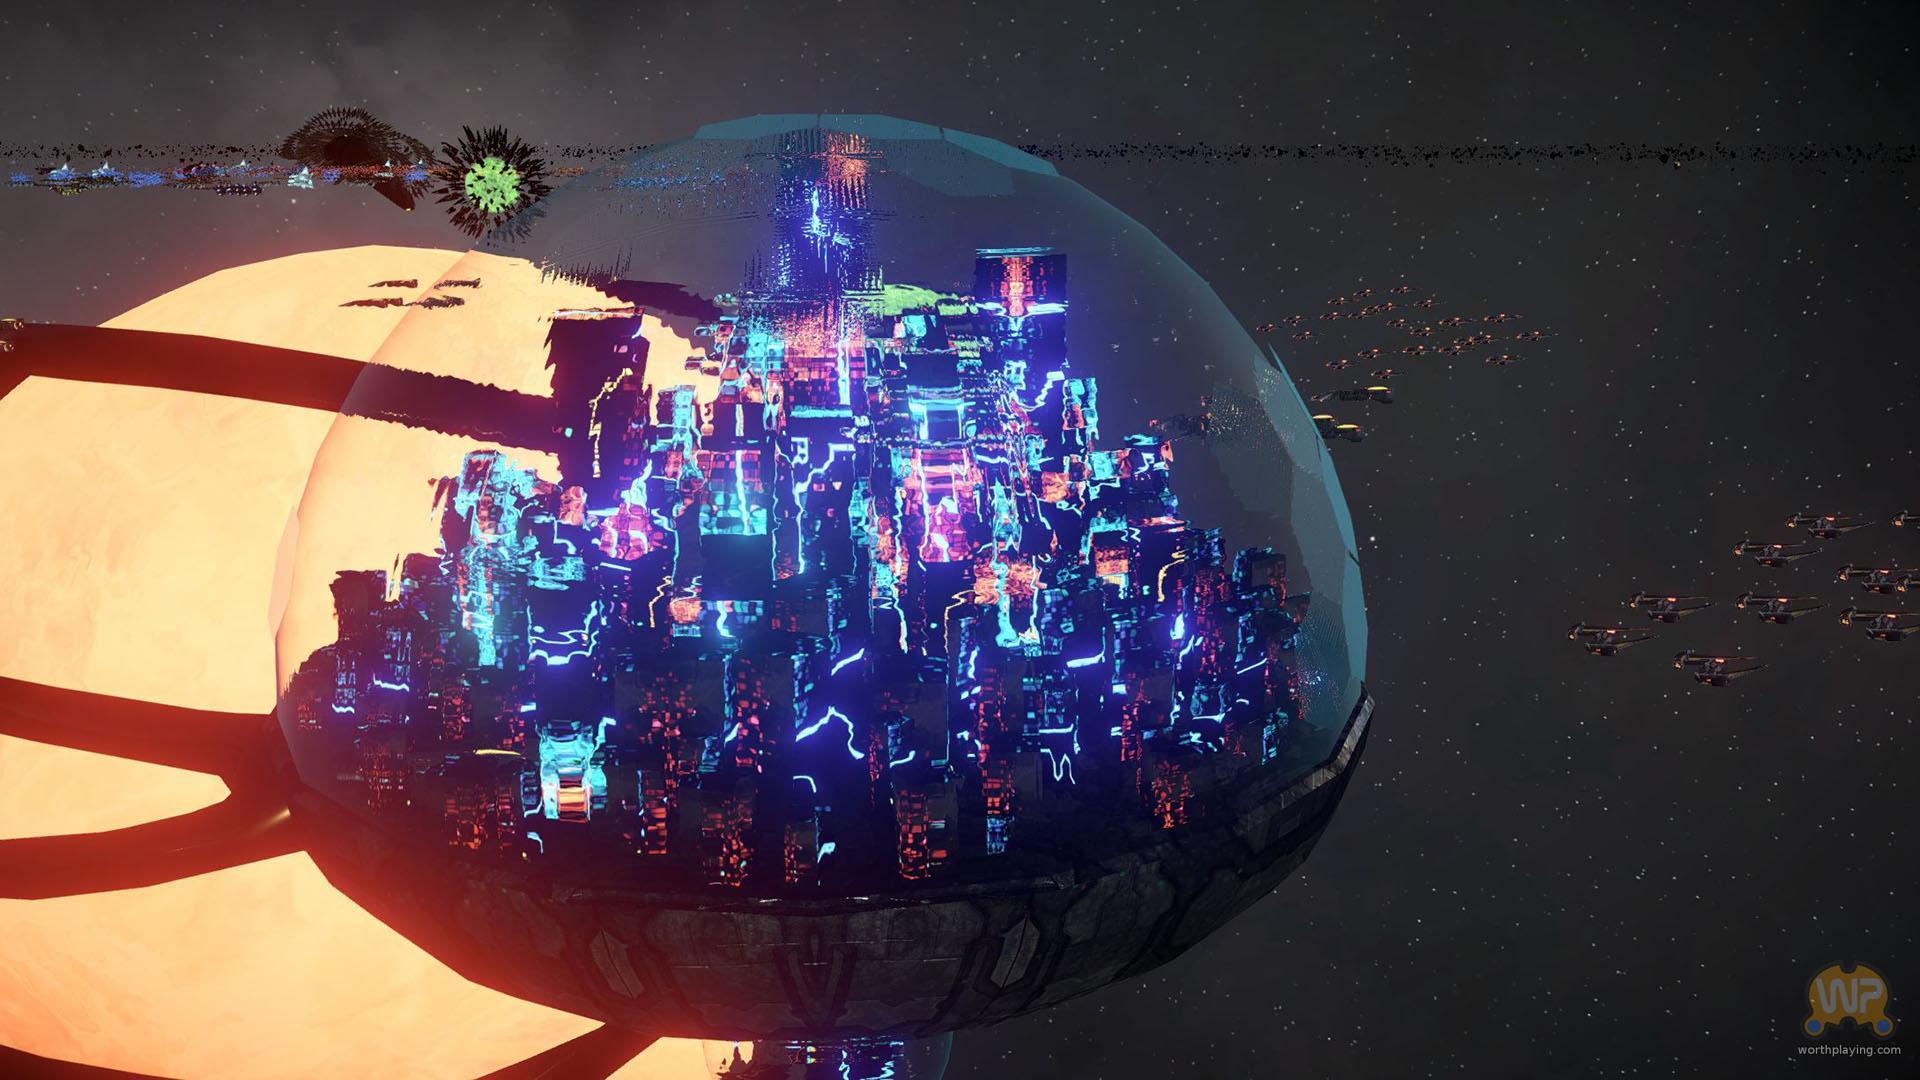 《人工智能战争2》即将登陆Steam抢先体验 发布新视频